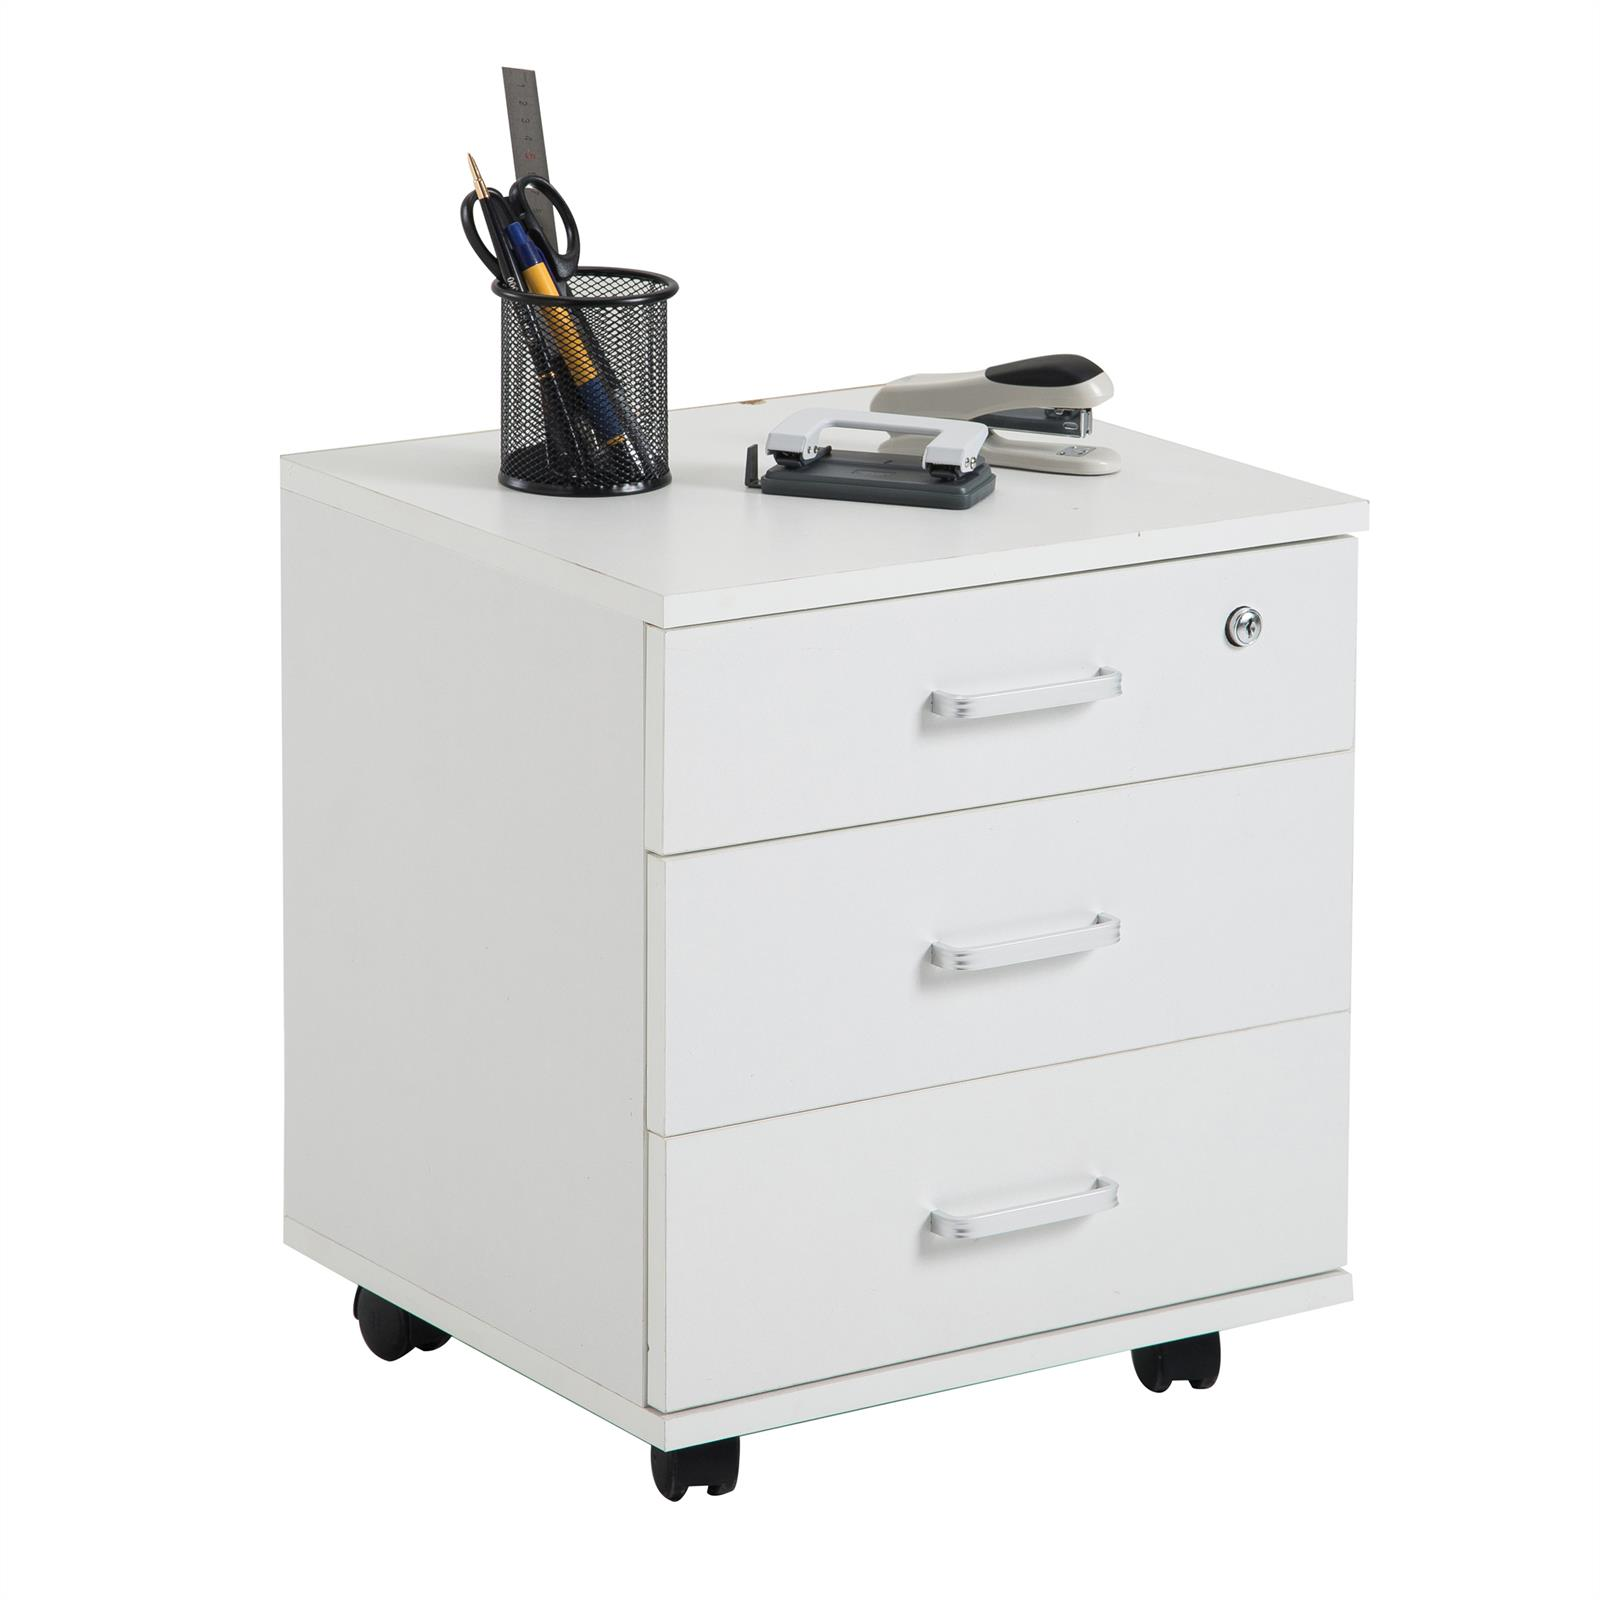 Caisson-de-bureau-rangement-sur-roulettes-3-tiroirs-3-coloris-disponibles